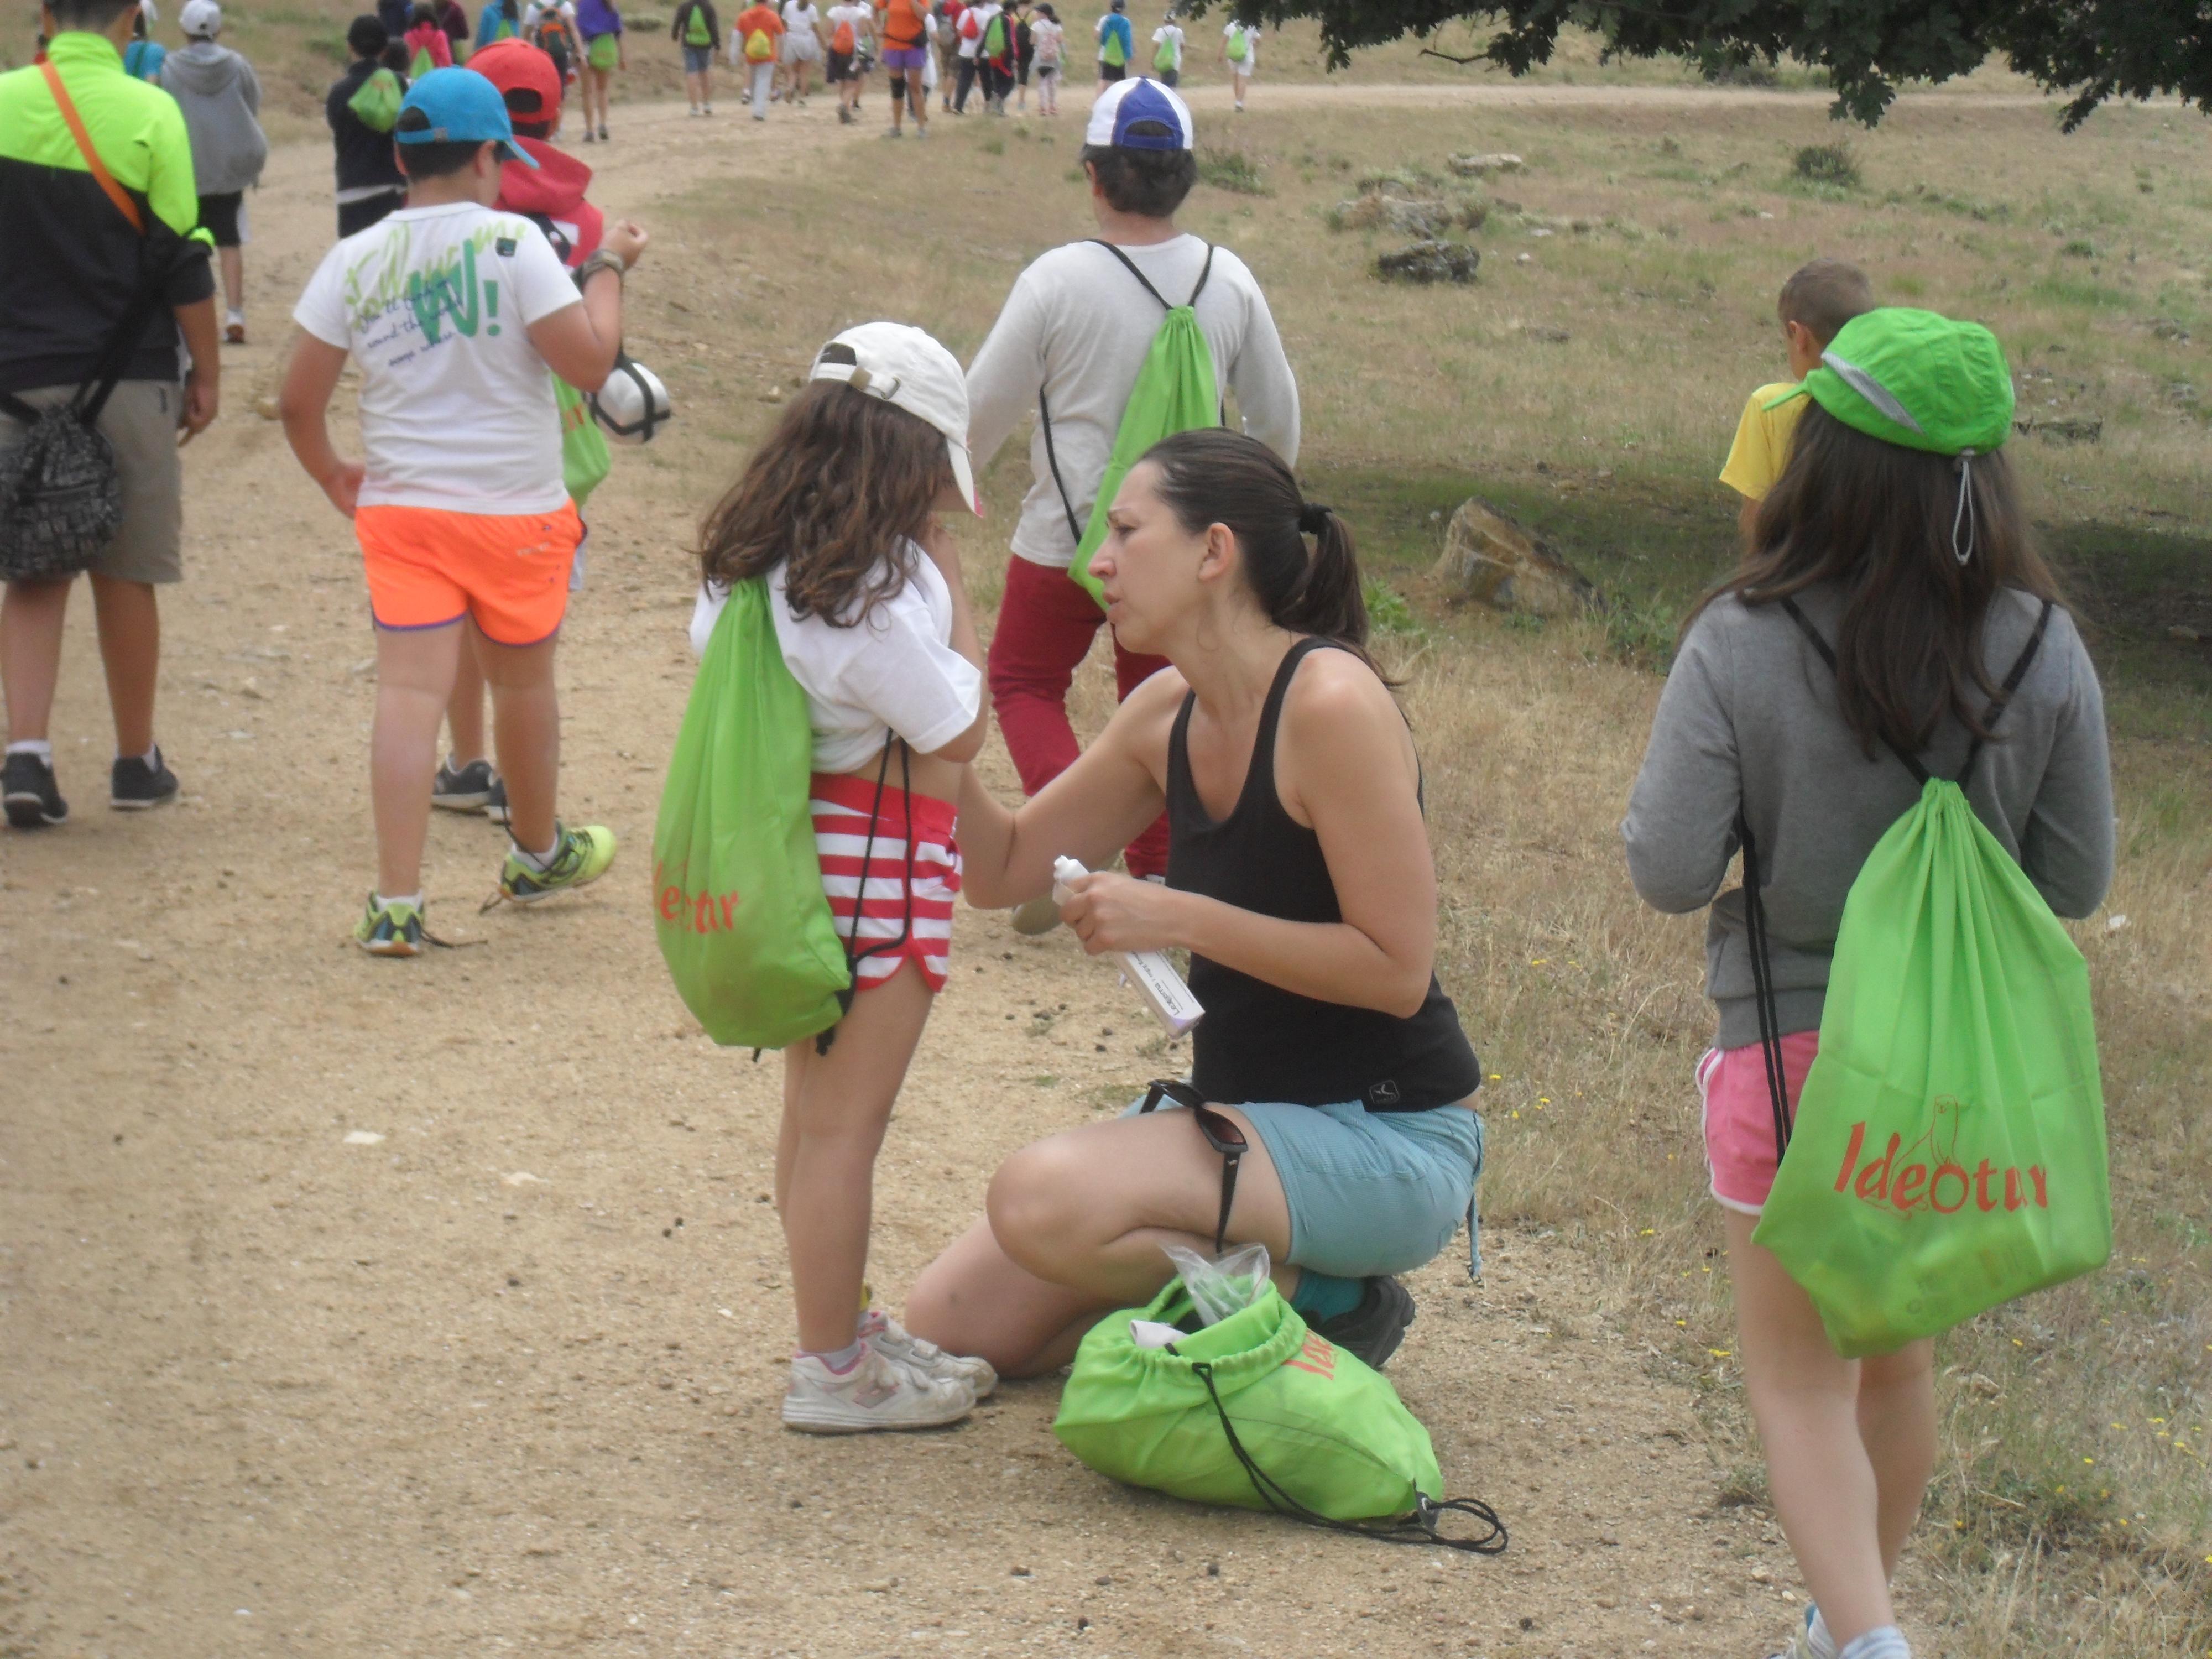 La enfermera Sonia del Río, durante el campamento de niños asmáticos y alérgicos, curando a una de las menores